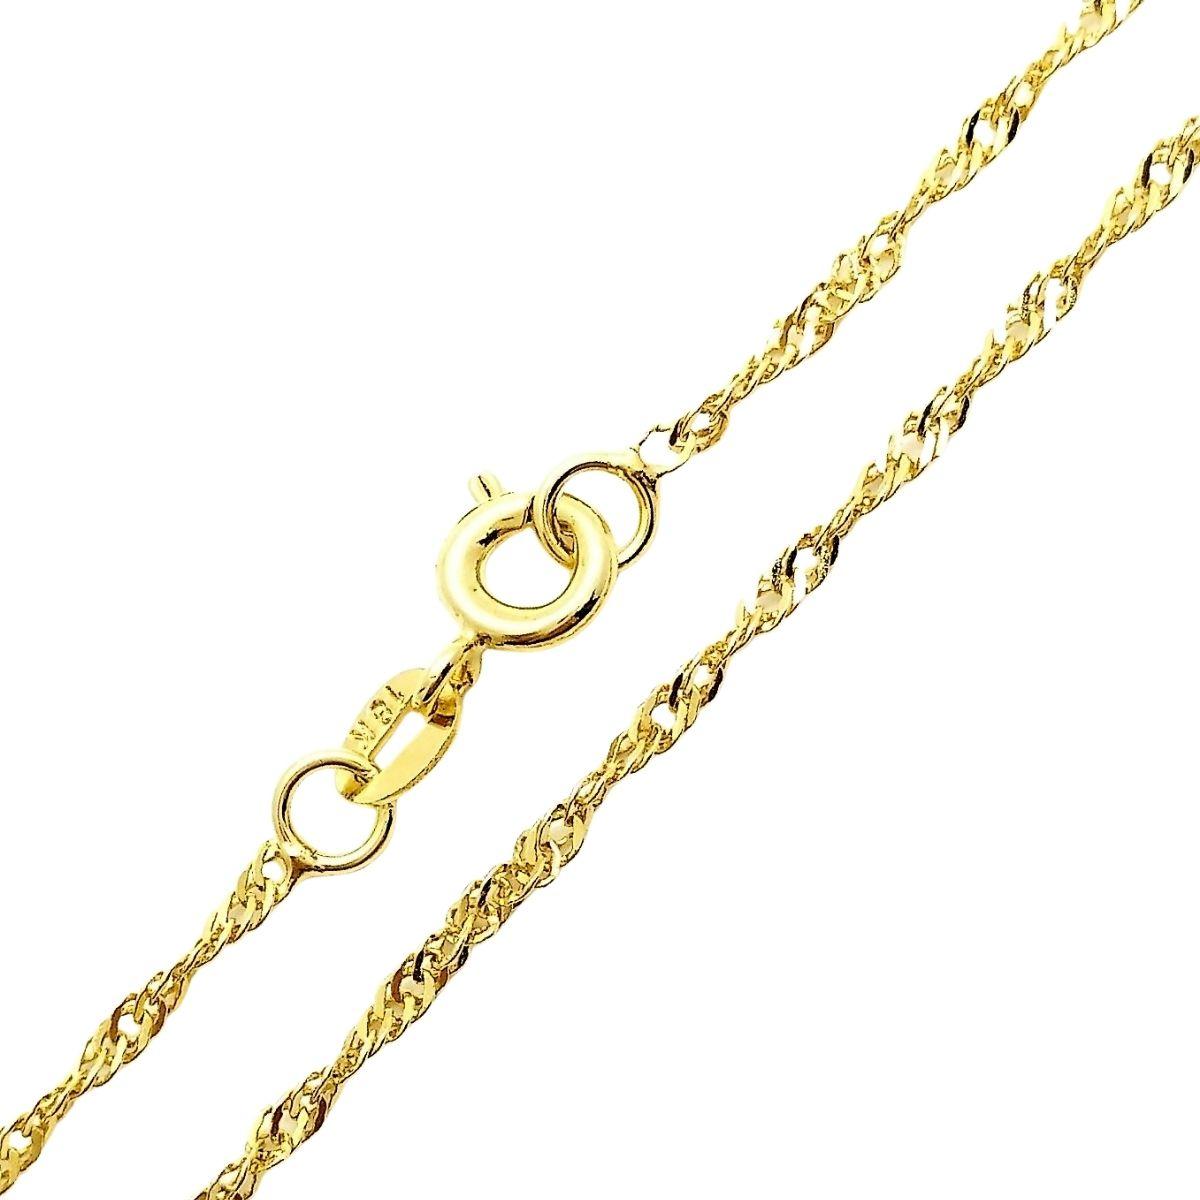 Colar Cordão Singapura 1,5mm 60cm Banho De Ouro 18k 3169